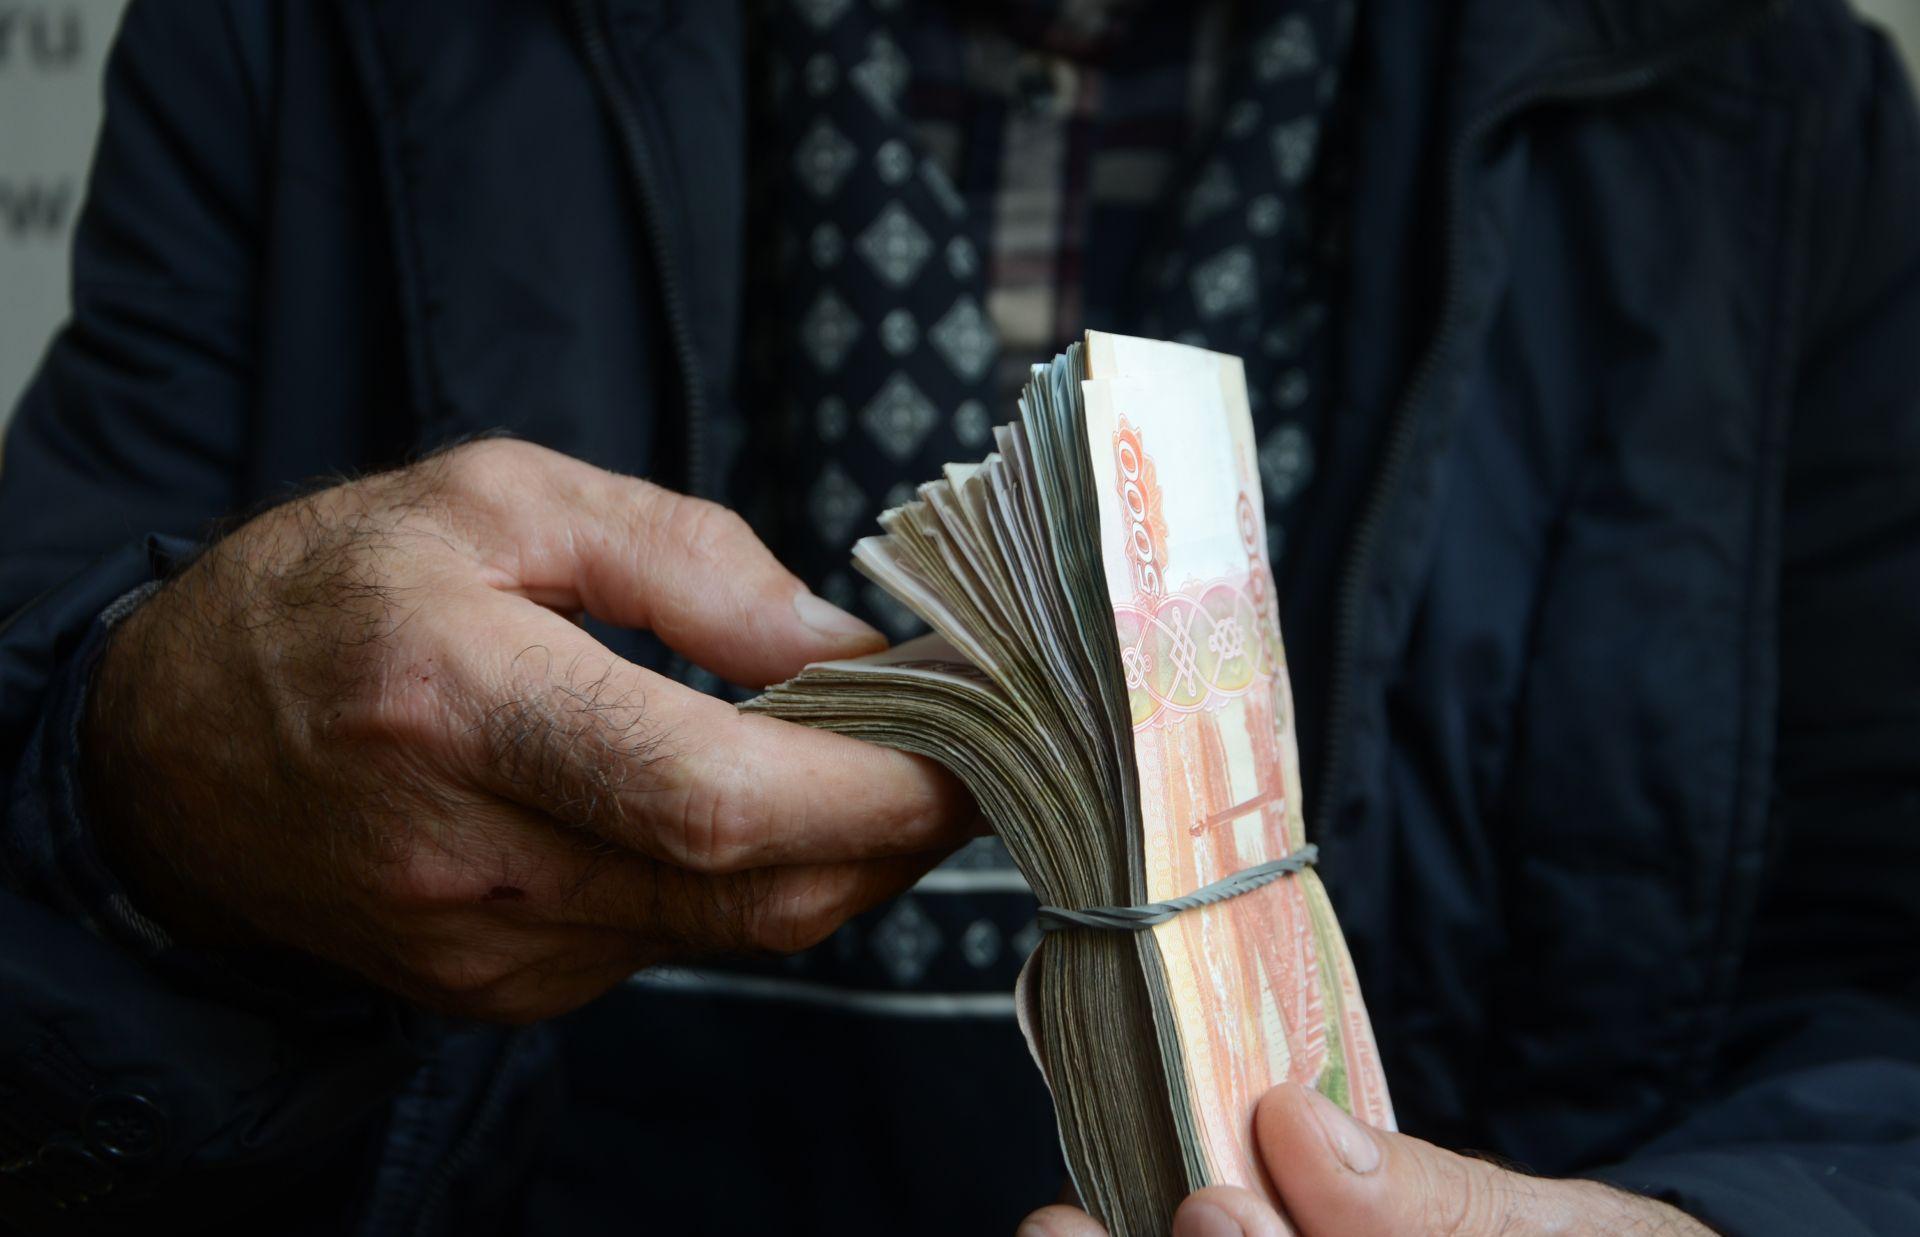 ВТБ выдал льготные кредиты на зарплату на 18 млрд рублей - новости Афанасий